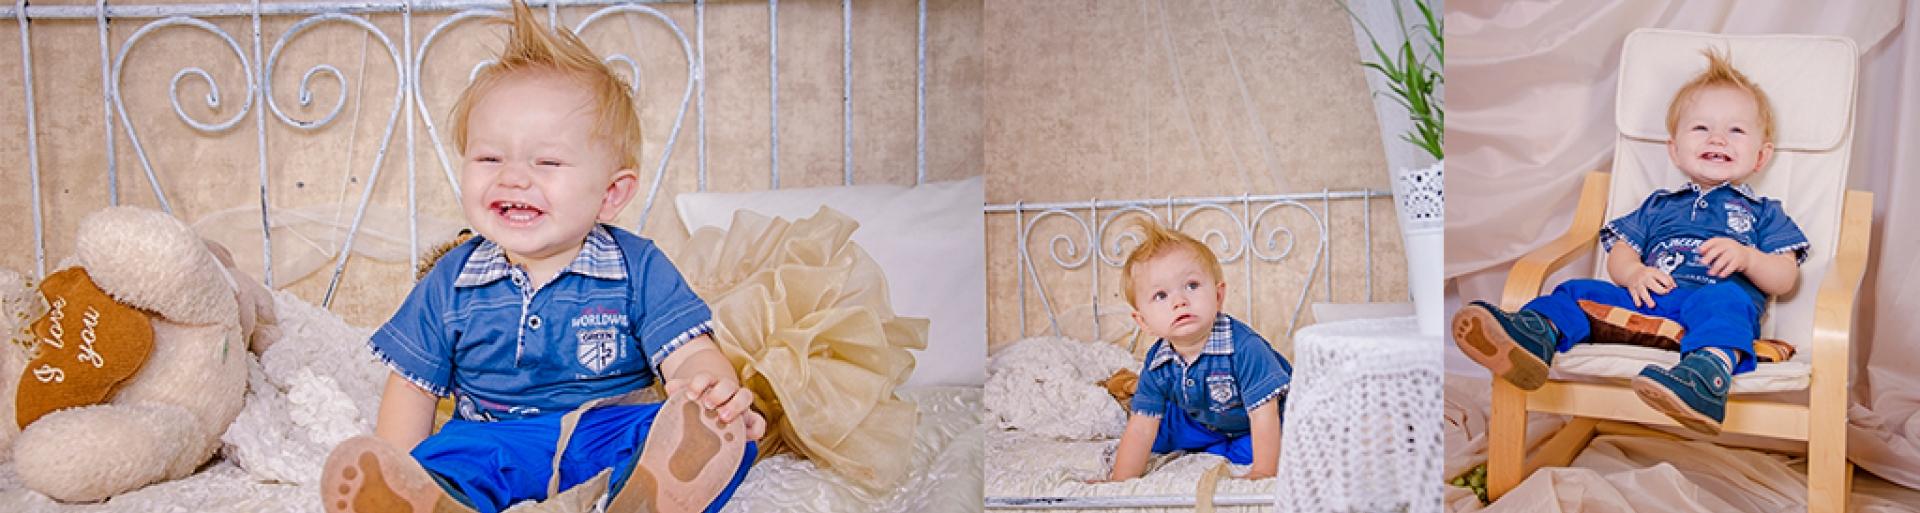 детский фотограф, семейный фотограф, детский и семейный фотограф в Ставрополе, детский и семейный фотограф в Светлограде, детские фотосессии, фотосессии детей